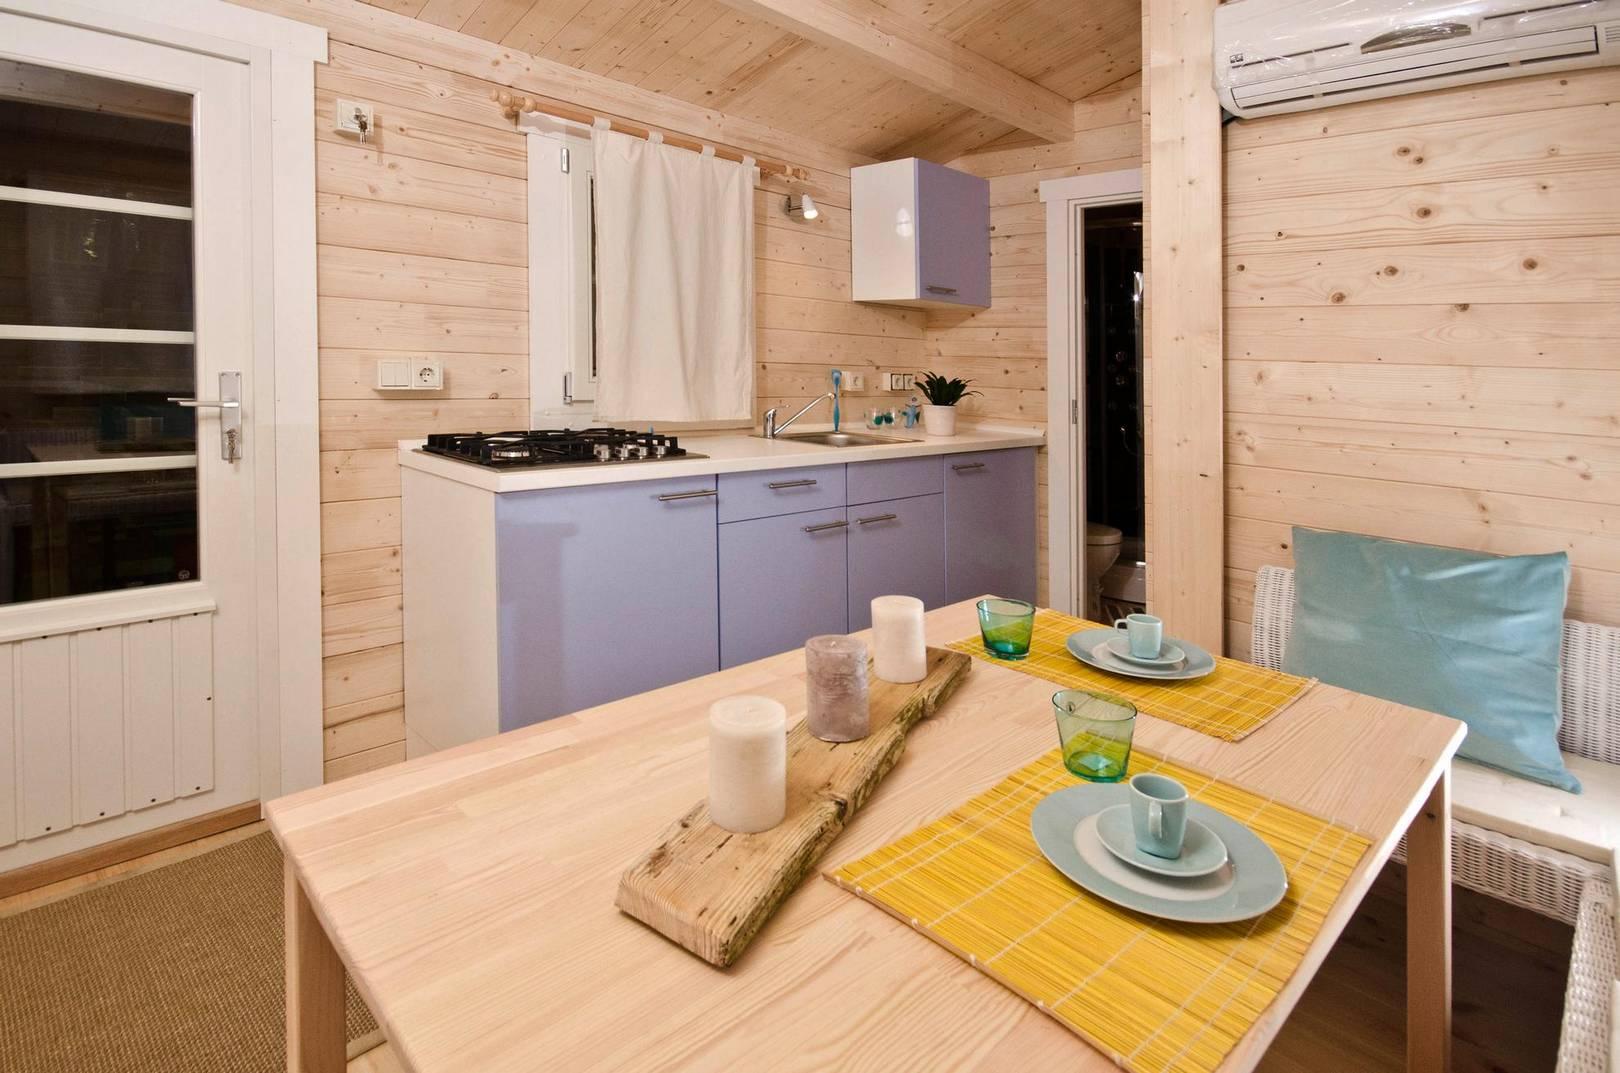 Mobilheim Premium Reise Camping (1 von 1)-3